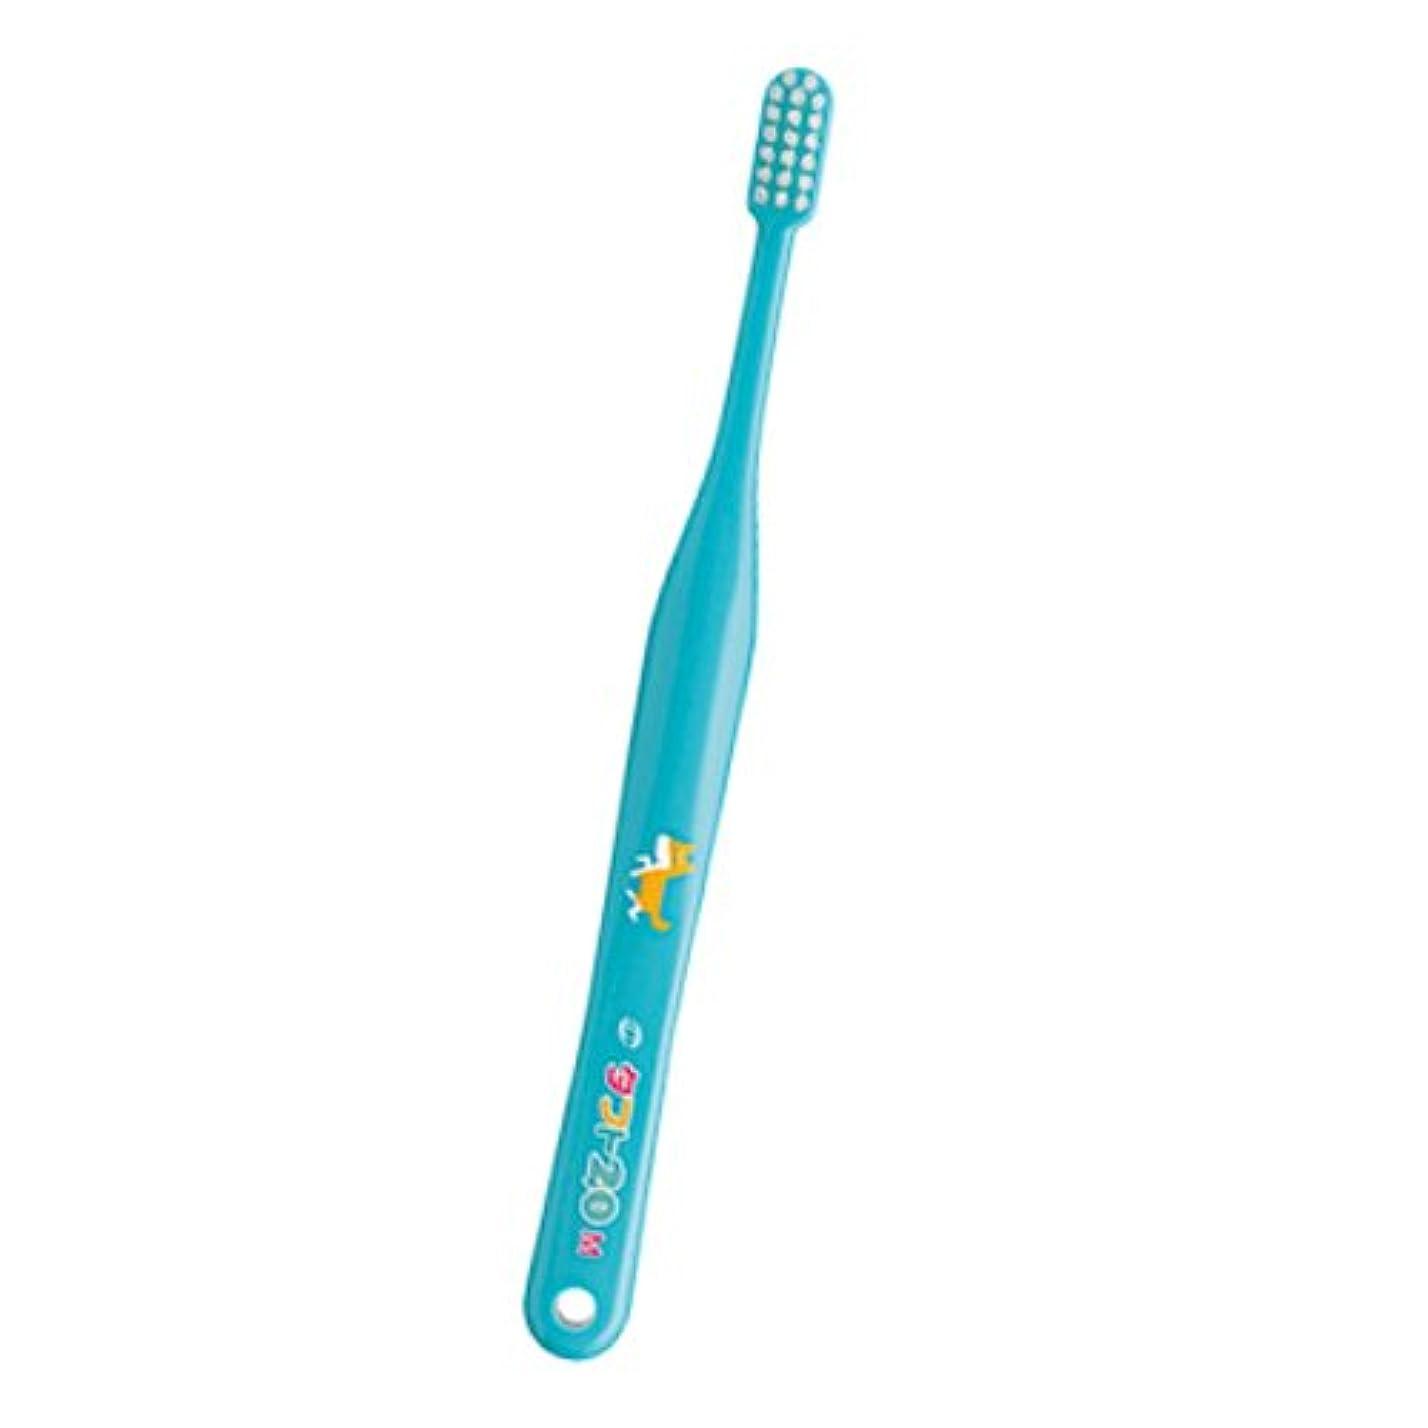 治療少ない変形タフト 20 歯ブラシ ミディアム 1本 ブルー M